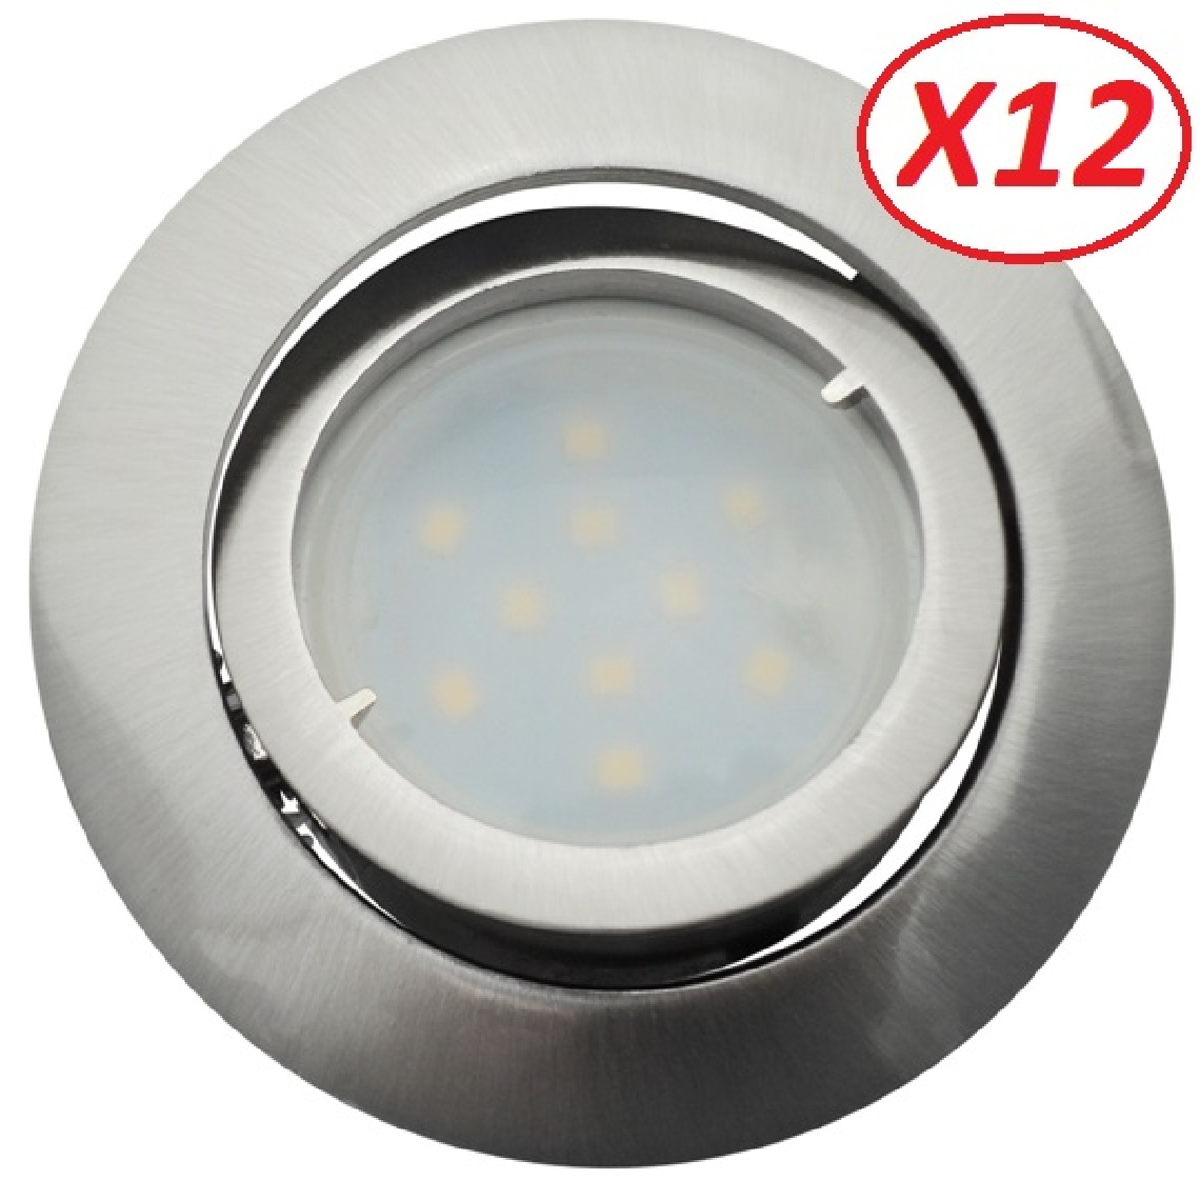 Eurobryte Lot de 12 Spot Led Encastrable Complete Satin Orientable lumière Blanc Neutre eq. 50W ref.895